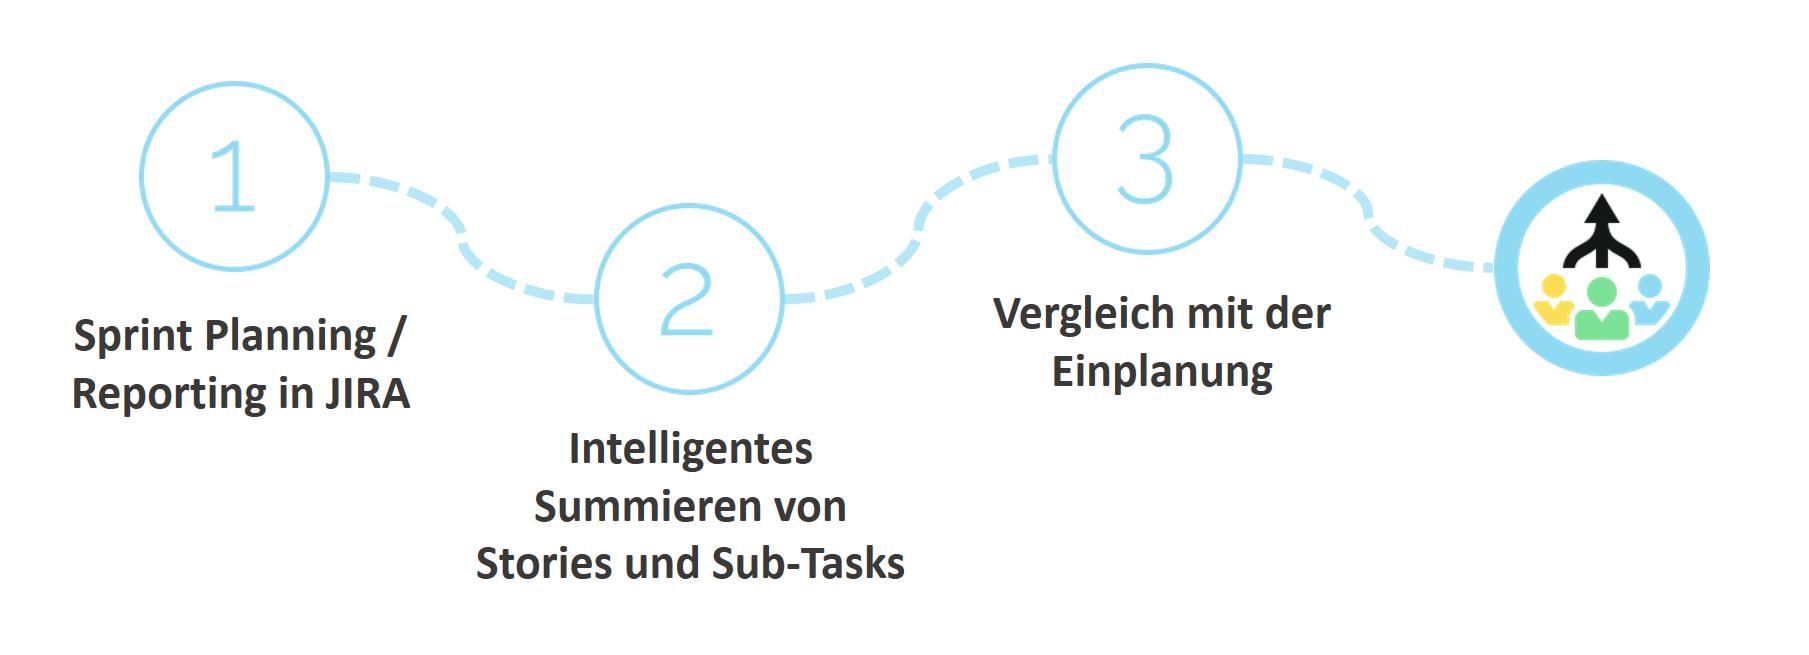 Integrierte Lösung für Sprint Planung in JIRA: Schätzungen vs. Ressourcenplanung